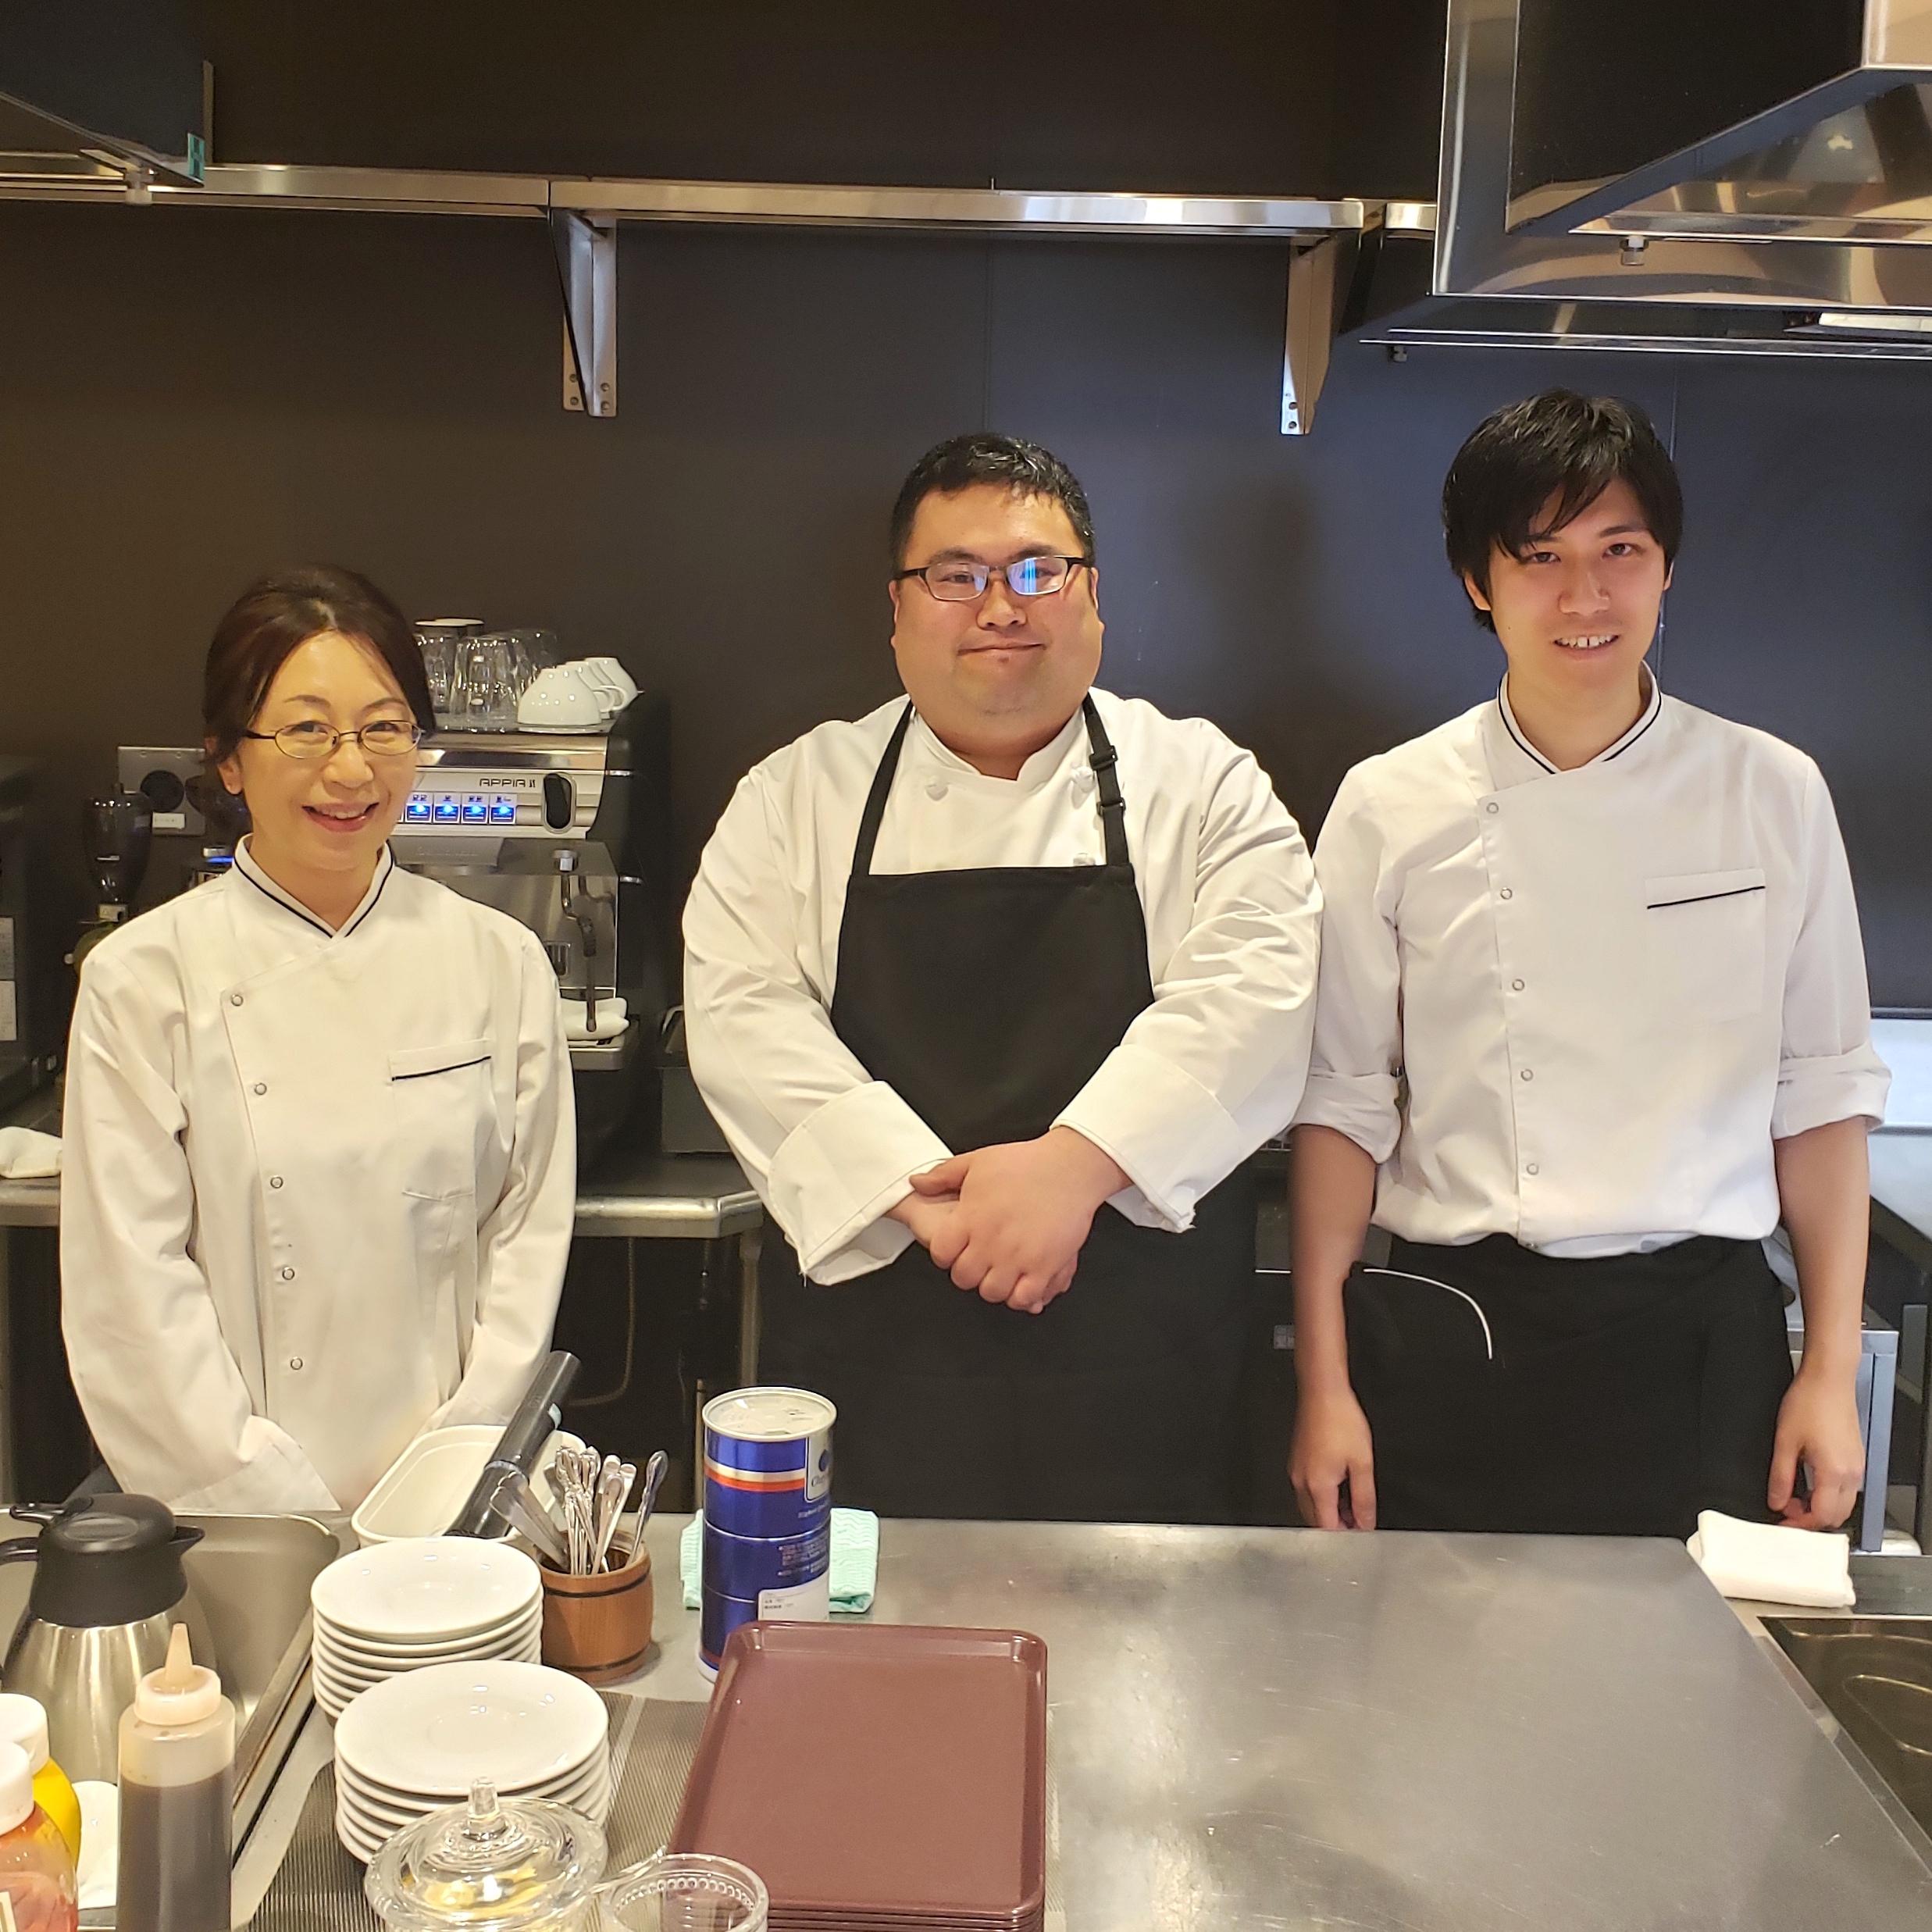 【タダ飯クーポンあり】経験者歓迎!世田谷区立施設内のレストラン♪老若男女に愛される料理を作る!